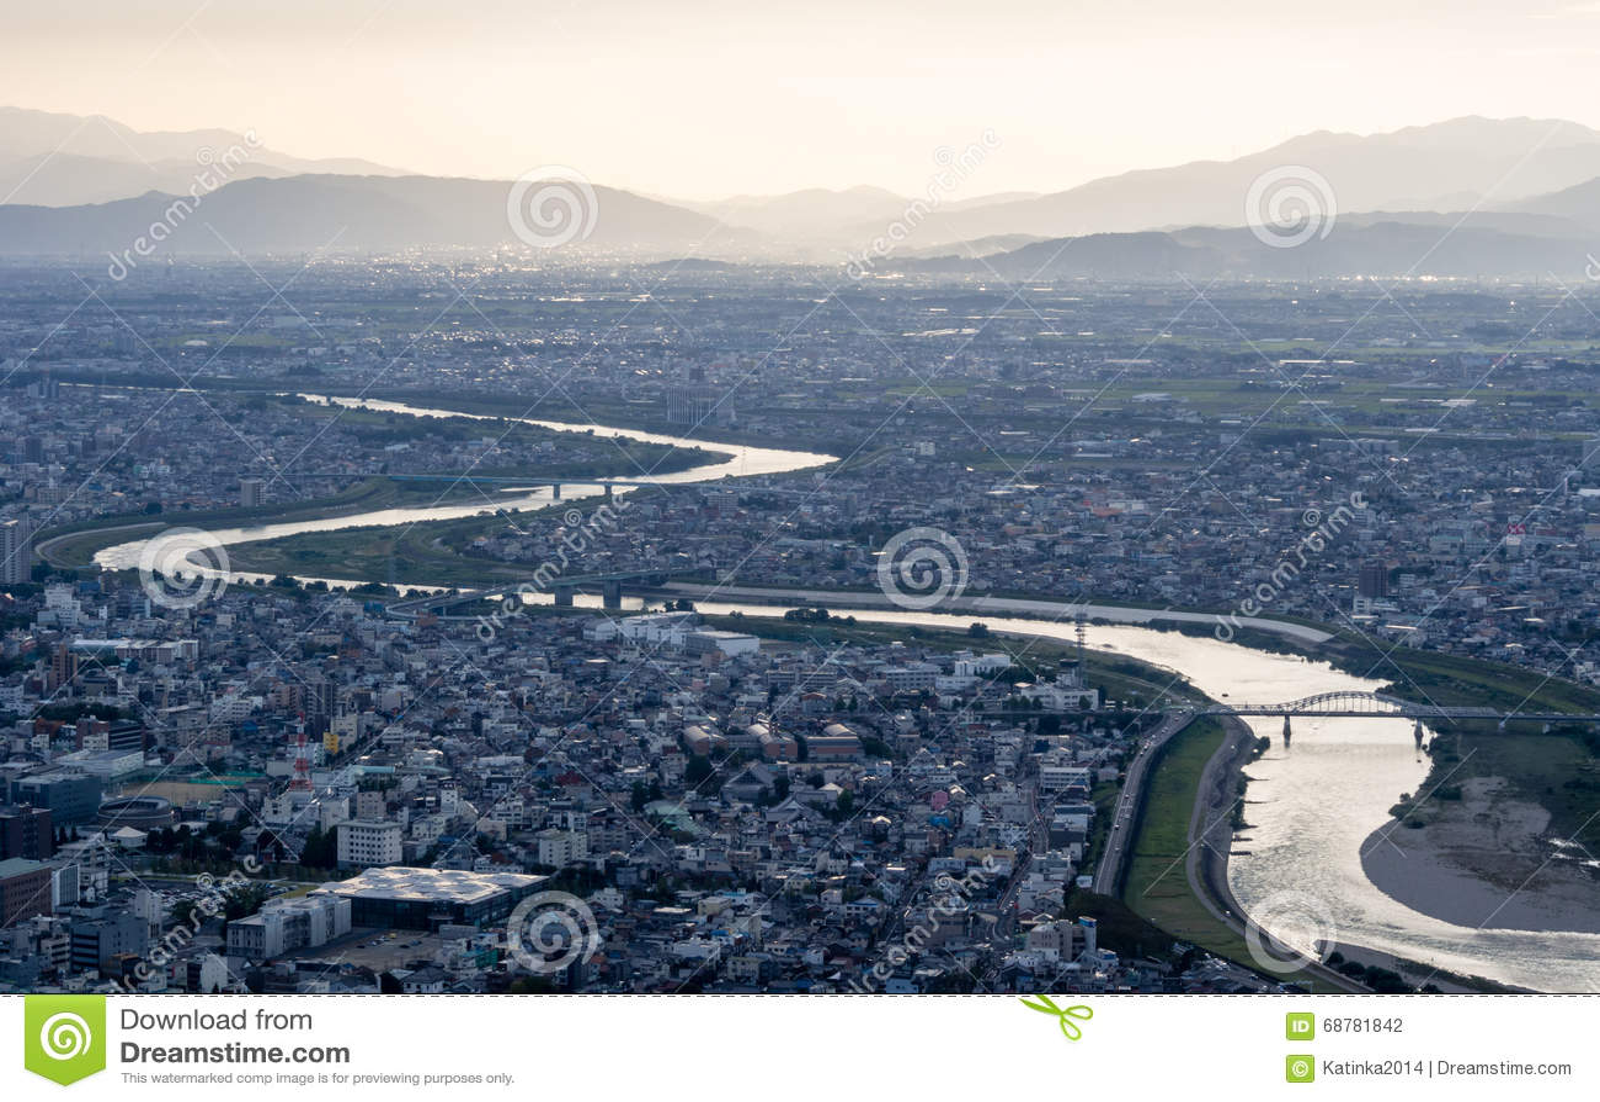 Vista panorâmica da cidade de Gifu, Japão